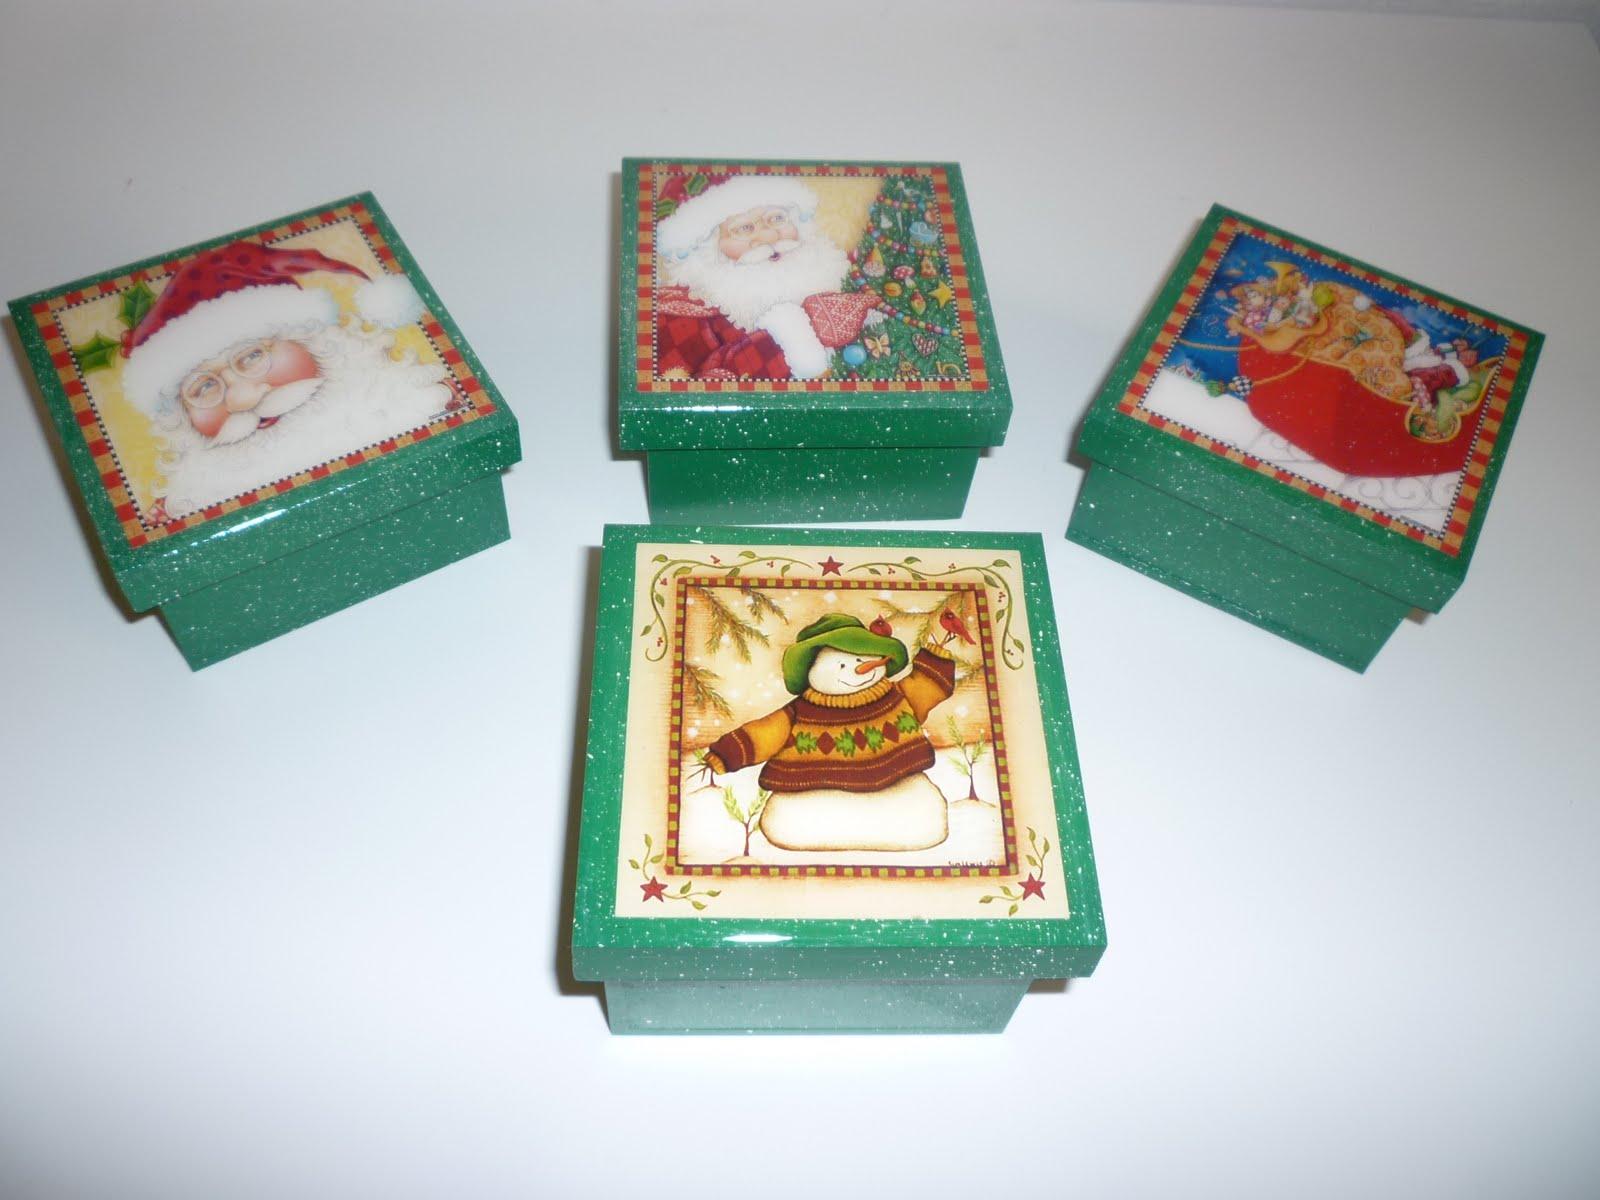 Manualidades en mdf y vitral cajas de navidad 8x8 - Cajas para manualidades ...